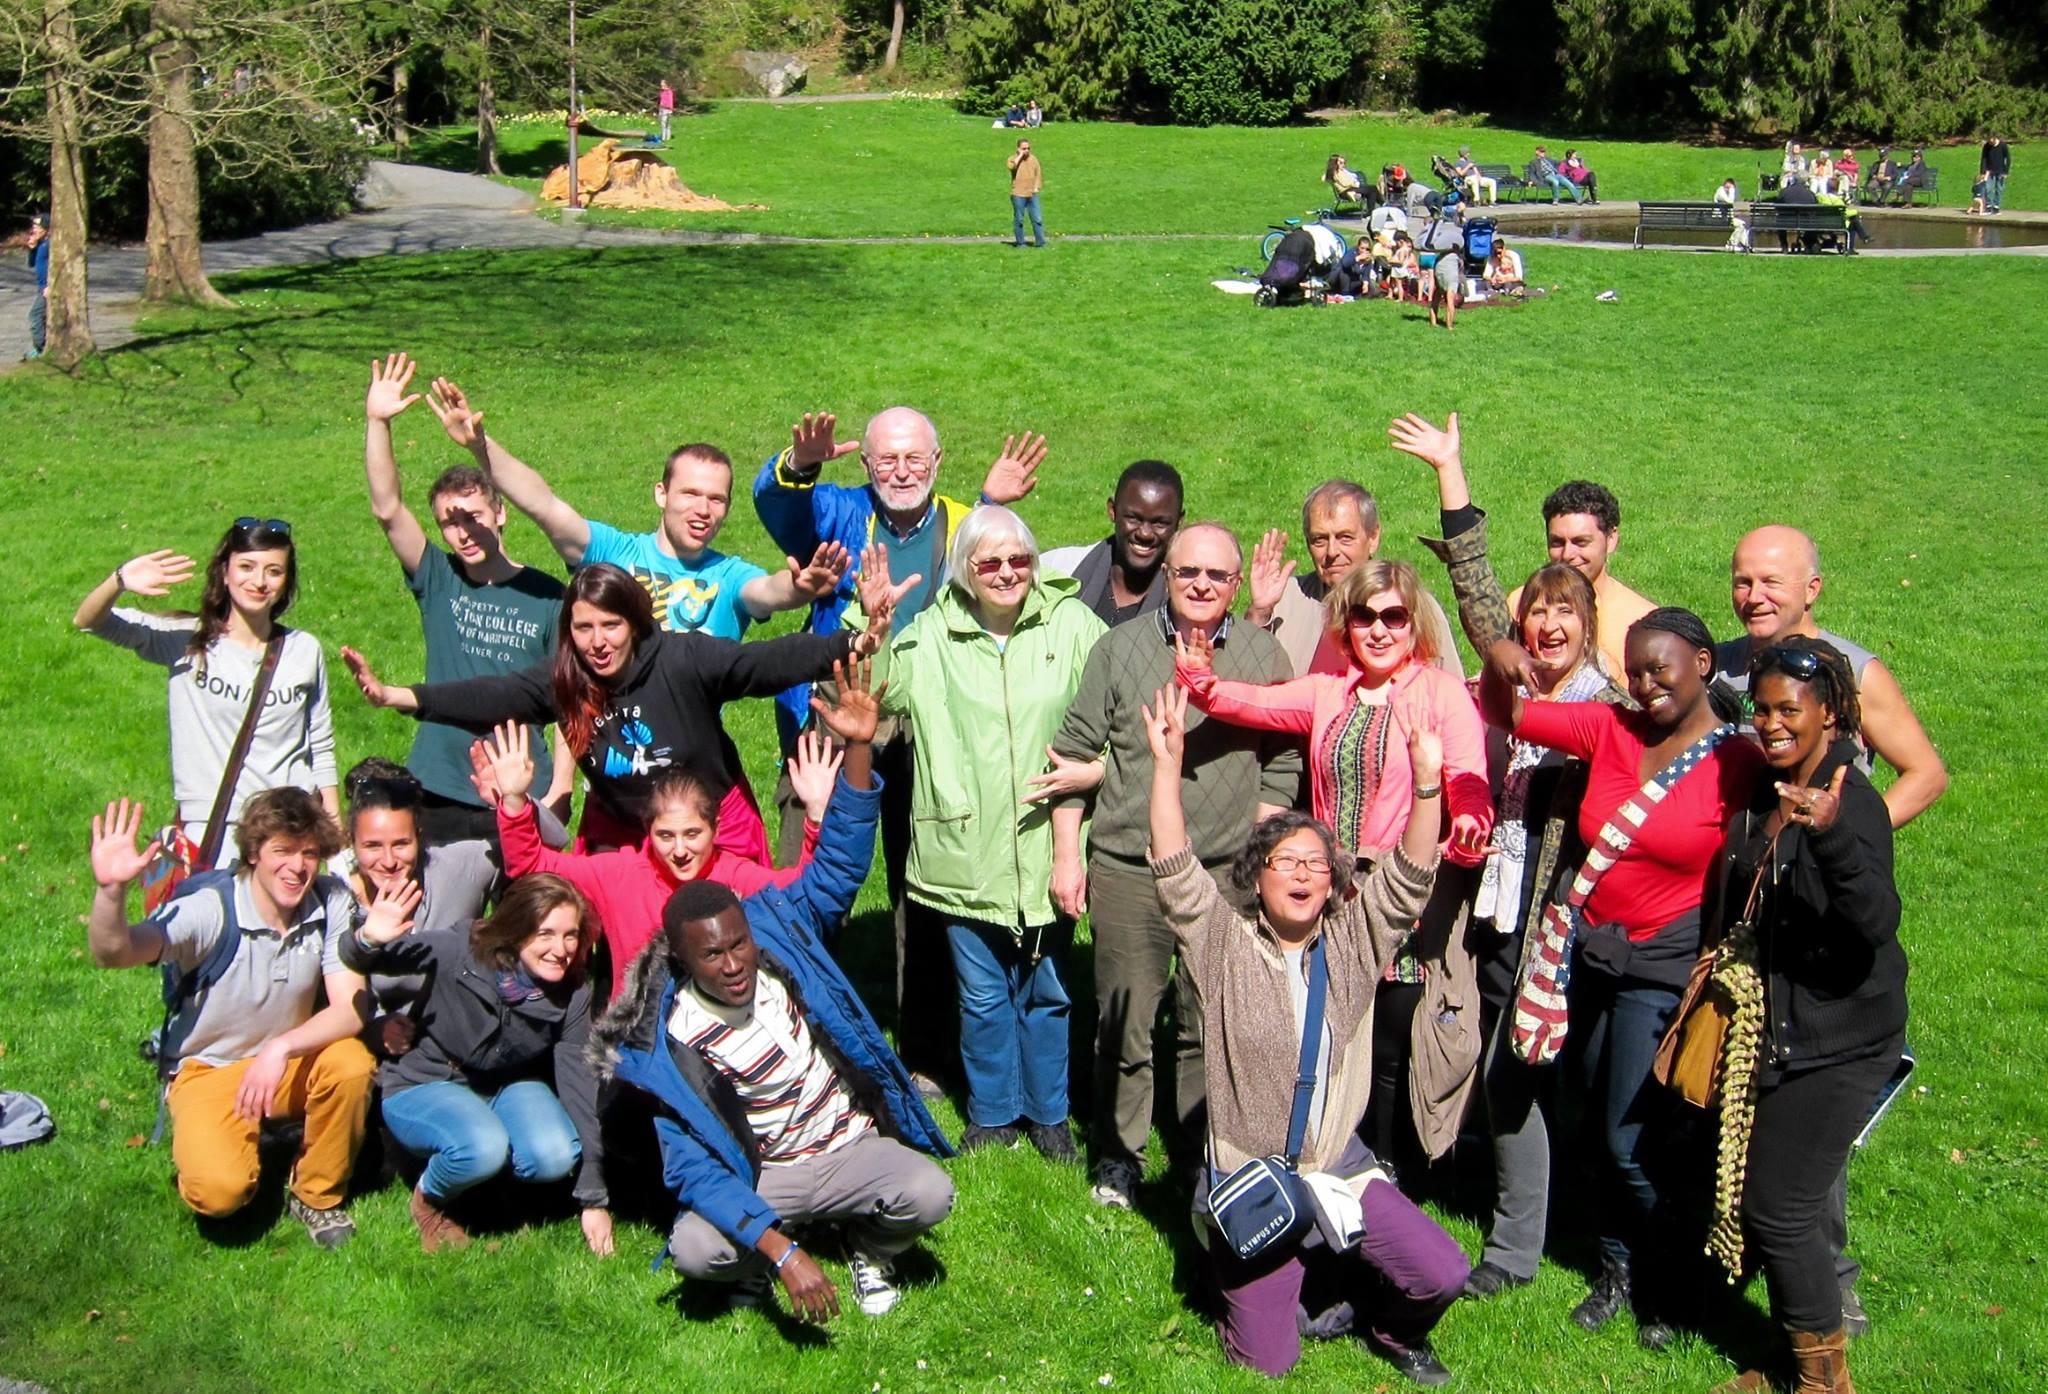 Gruppebilde av ansatte i KIA i en park